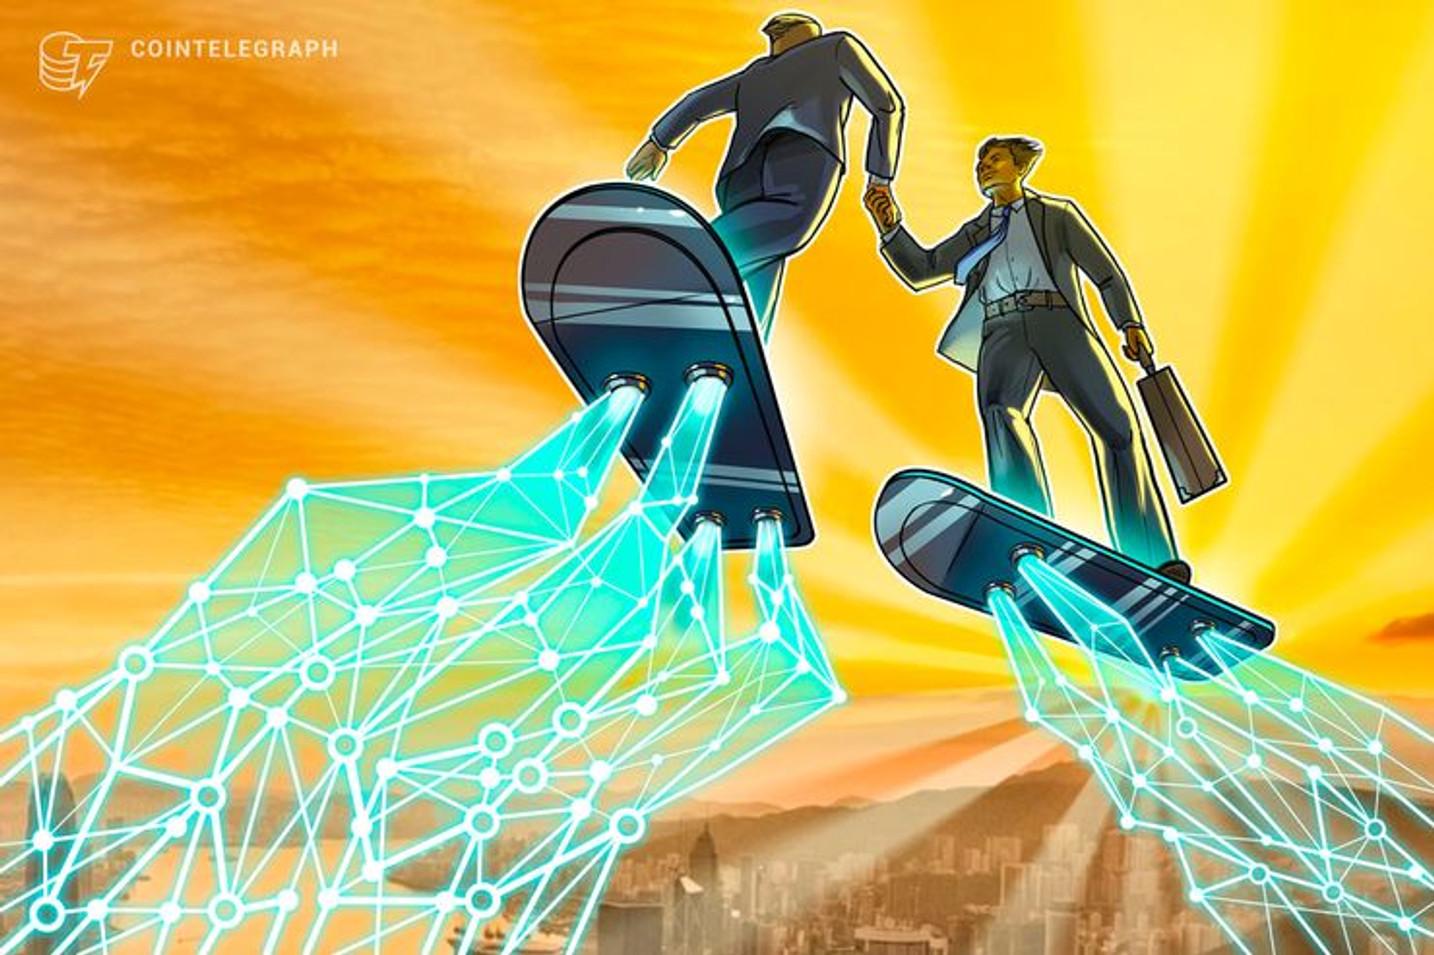 Medienhaus Ringier steigt bei Berliner Blockchain-Startup ein